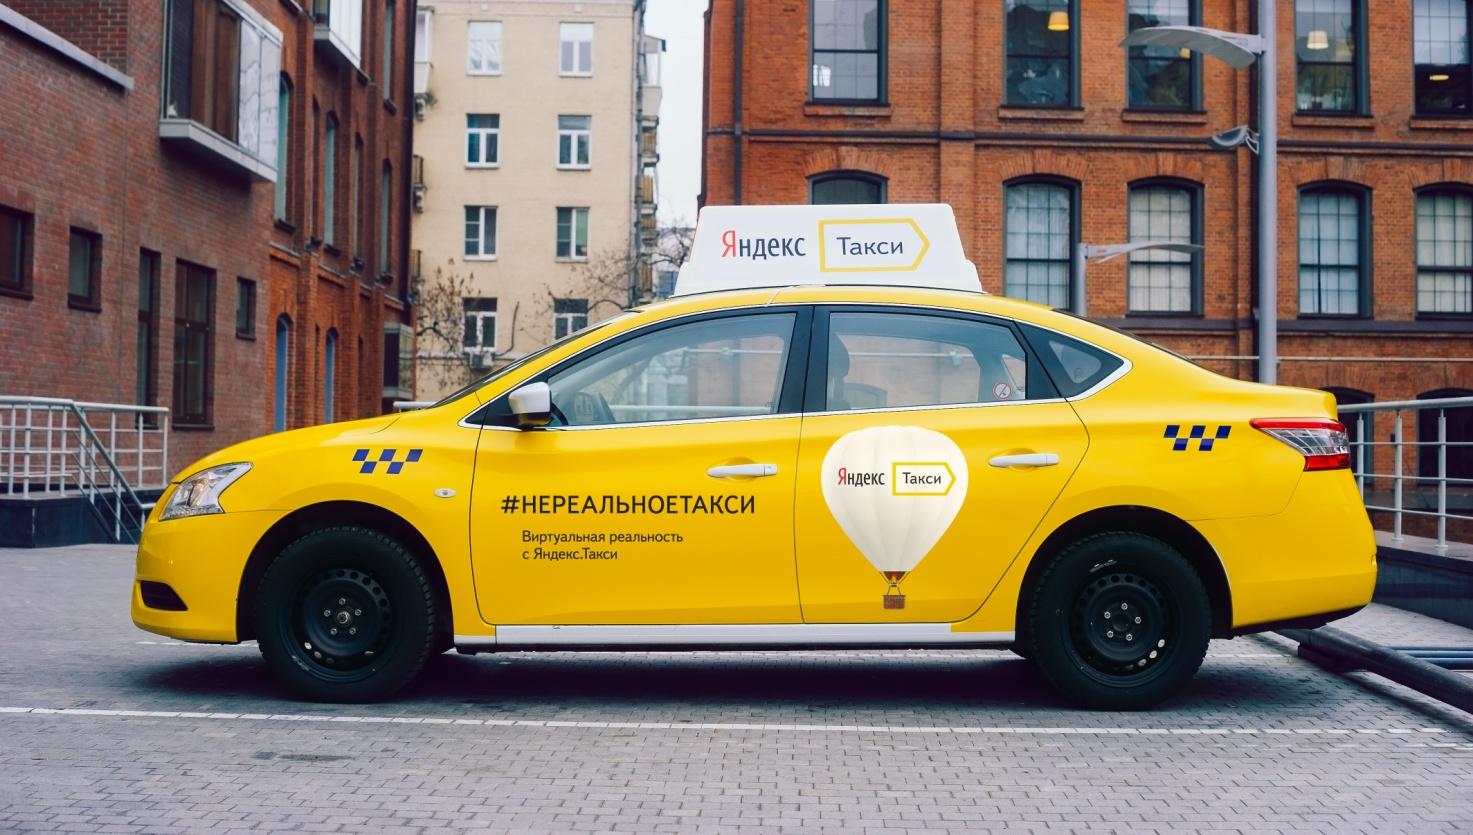 yandex-taxi-dnepr